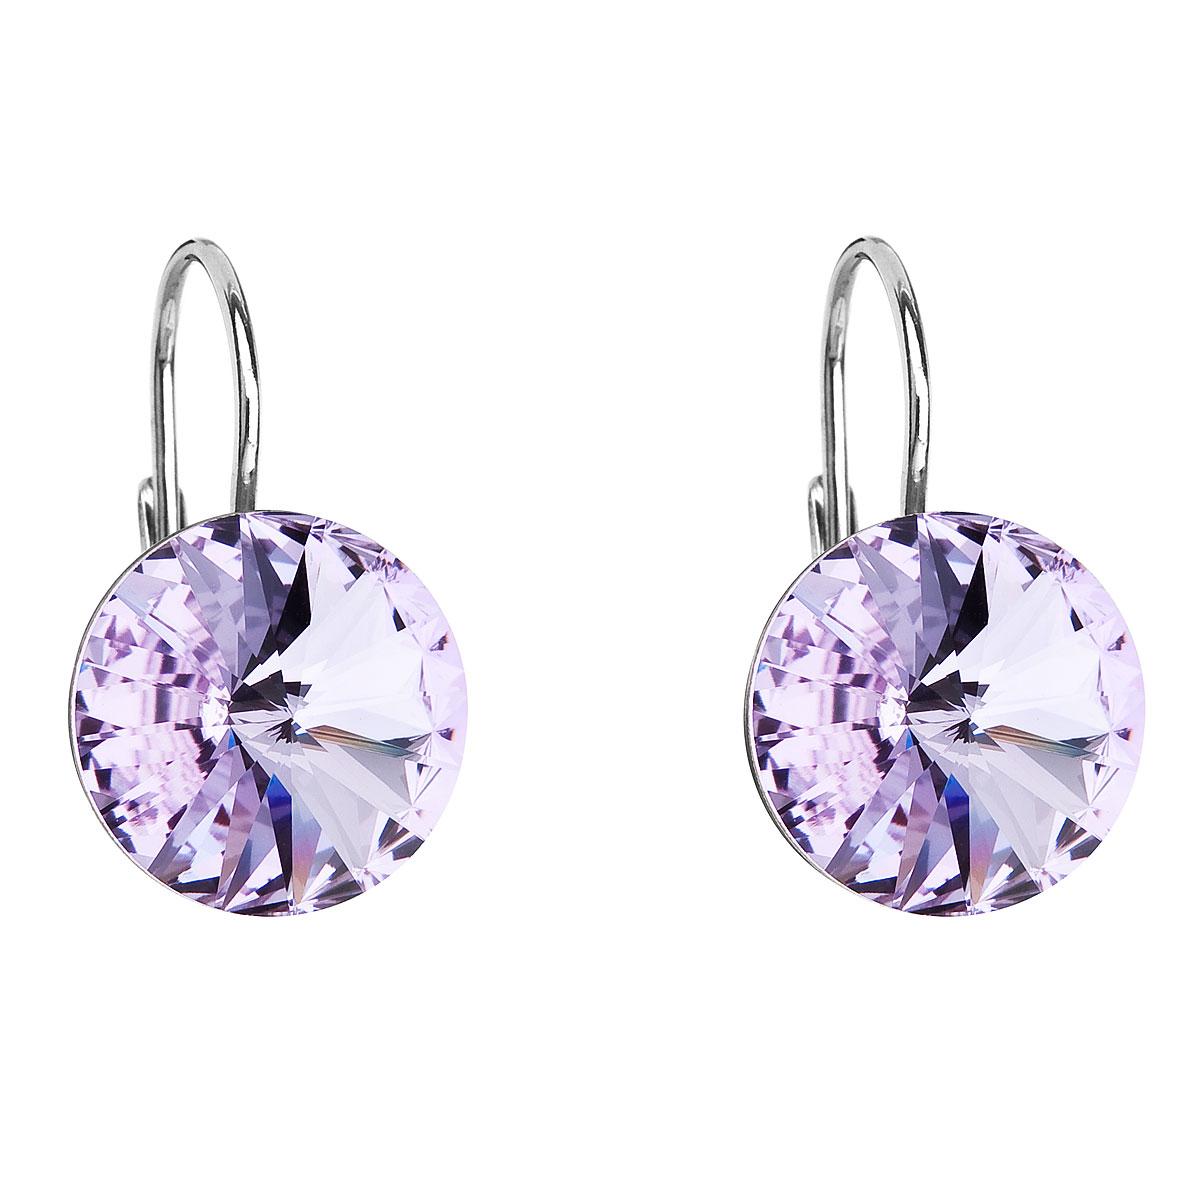 Evolution Group Stříbrné náušnice visací s krystaly Swarovski fialové kulaté 31106.3 violet